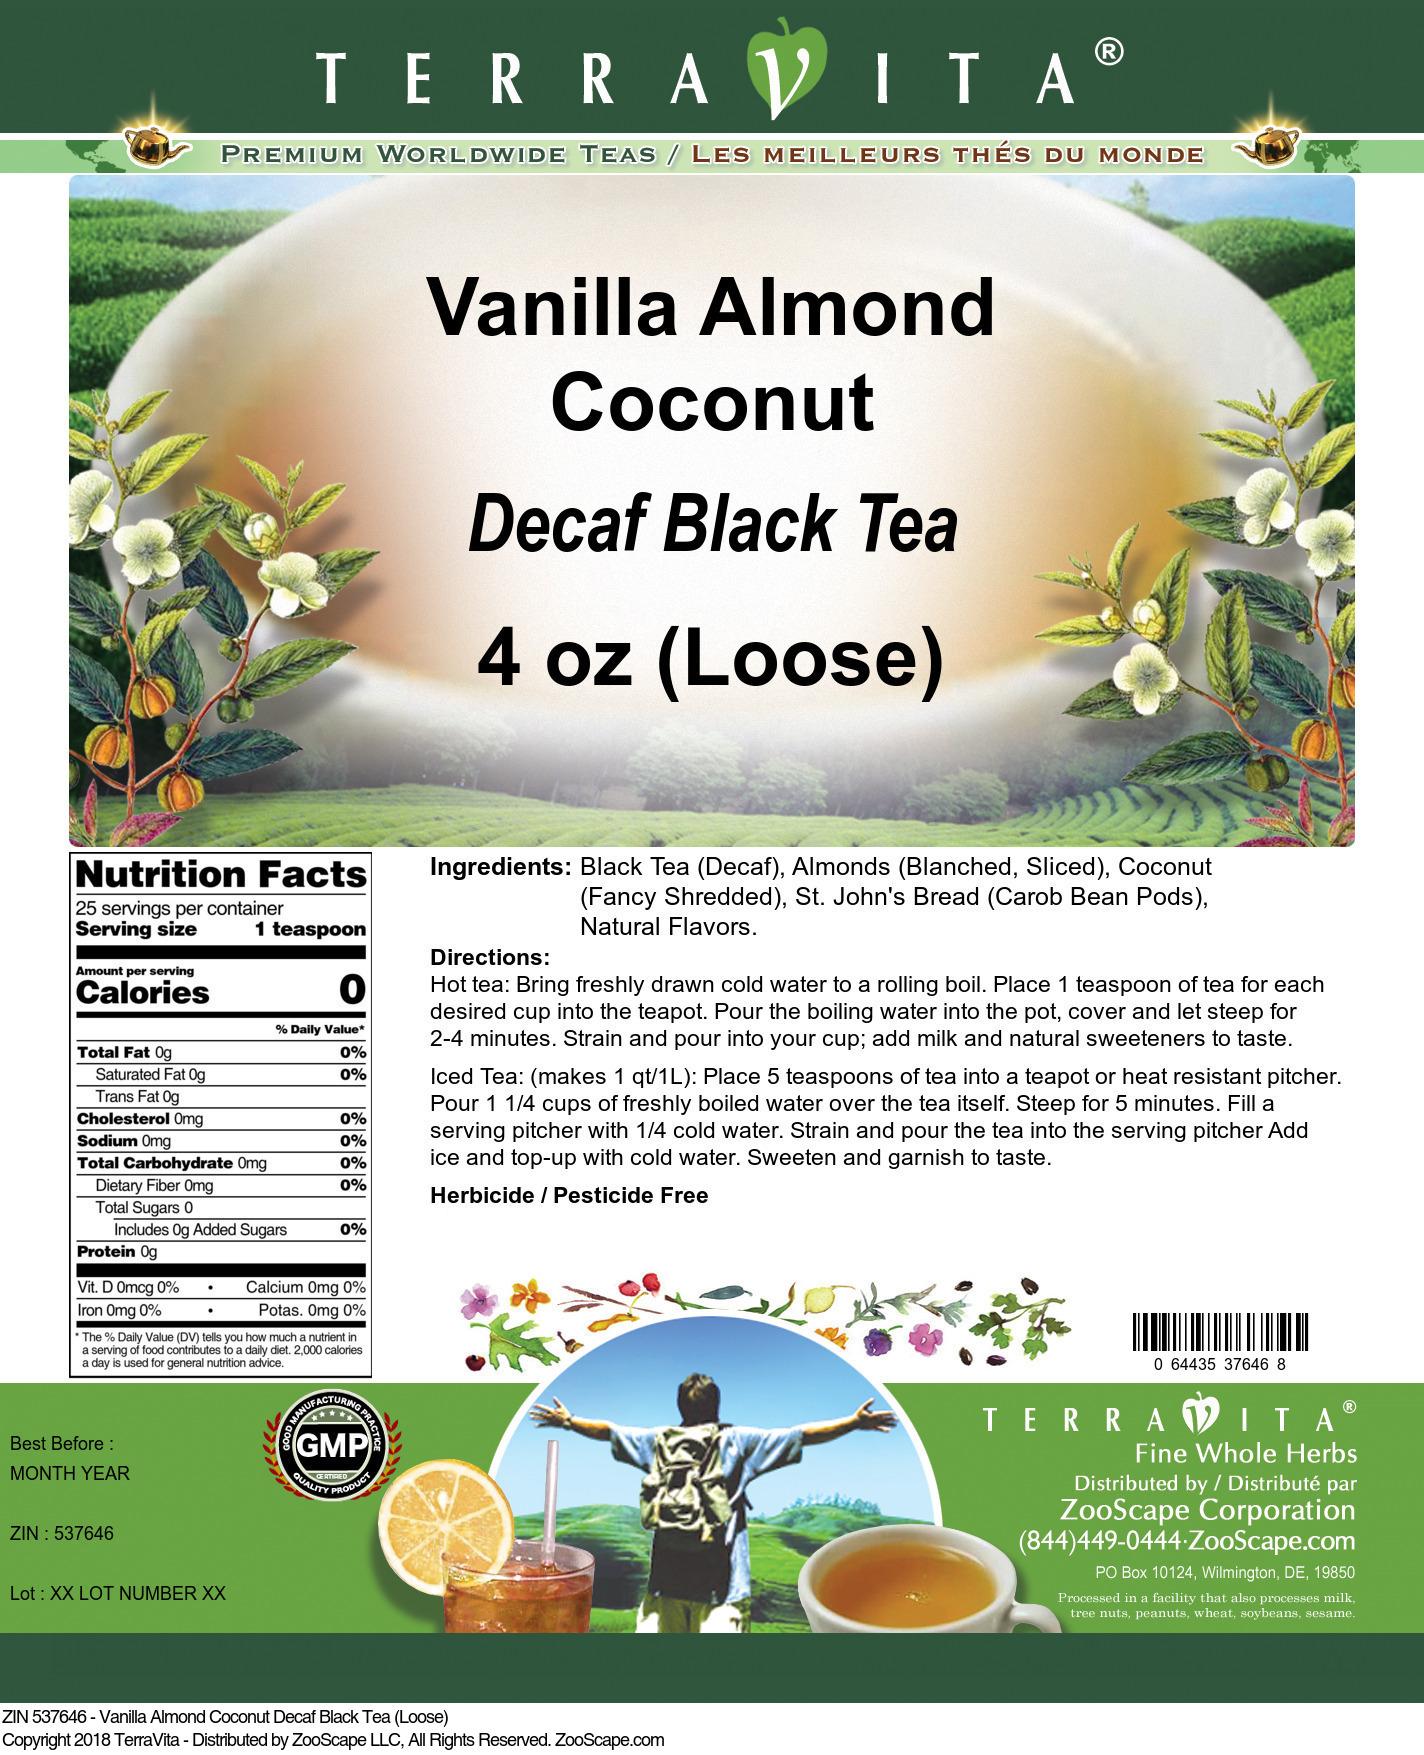 Vanilla Almond Coconut Decaf Black Tea (Loose)